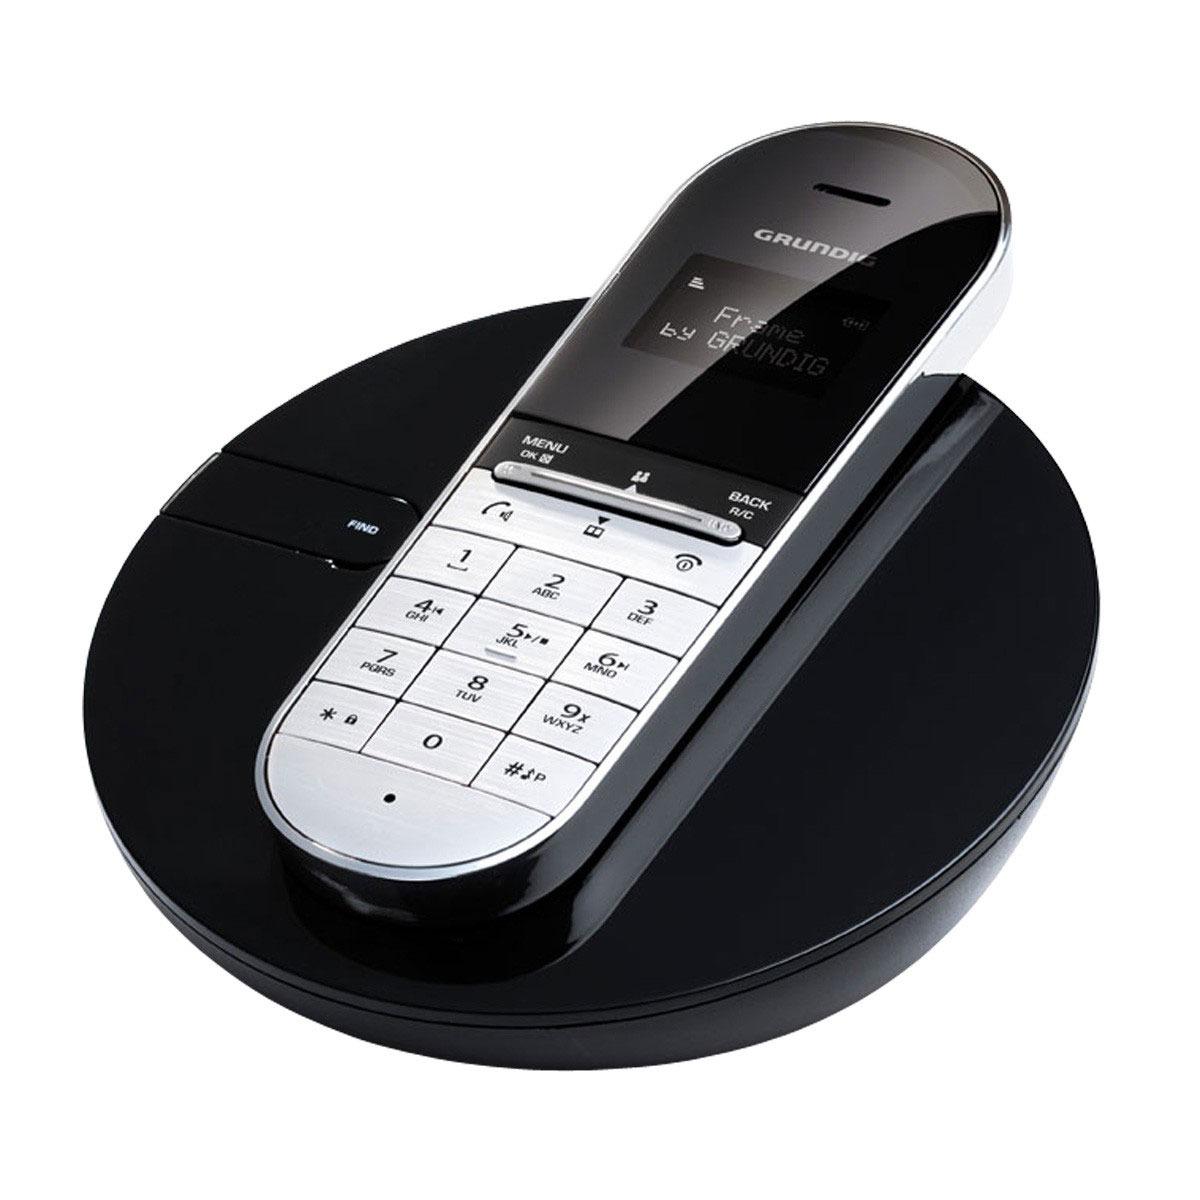 grundig frame noir t l phone sans fil grundig sur. Black Bedroom Furniture Sets. Home Design Ideas